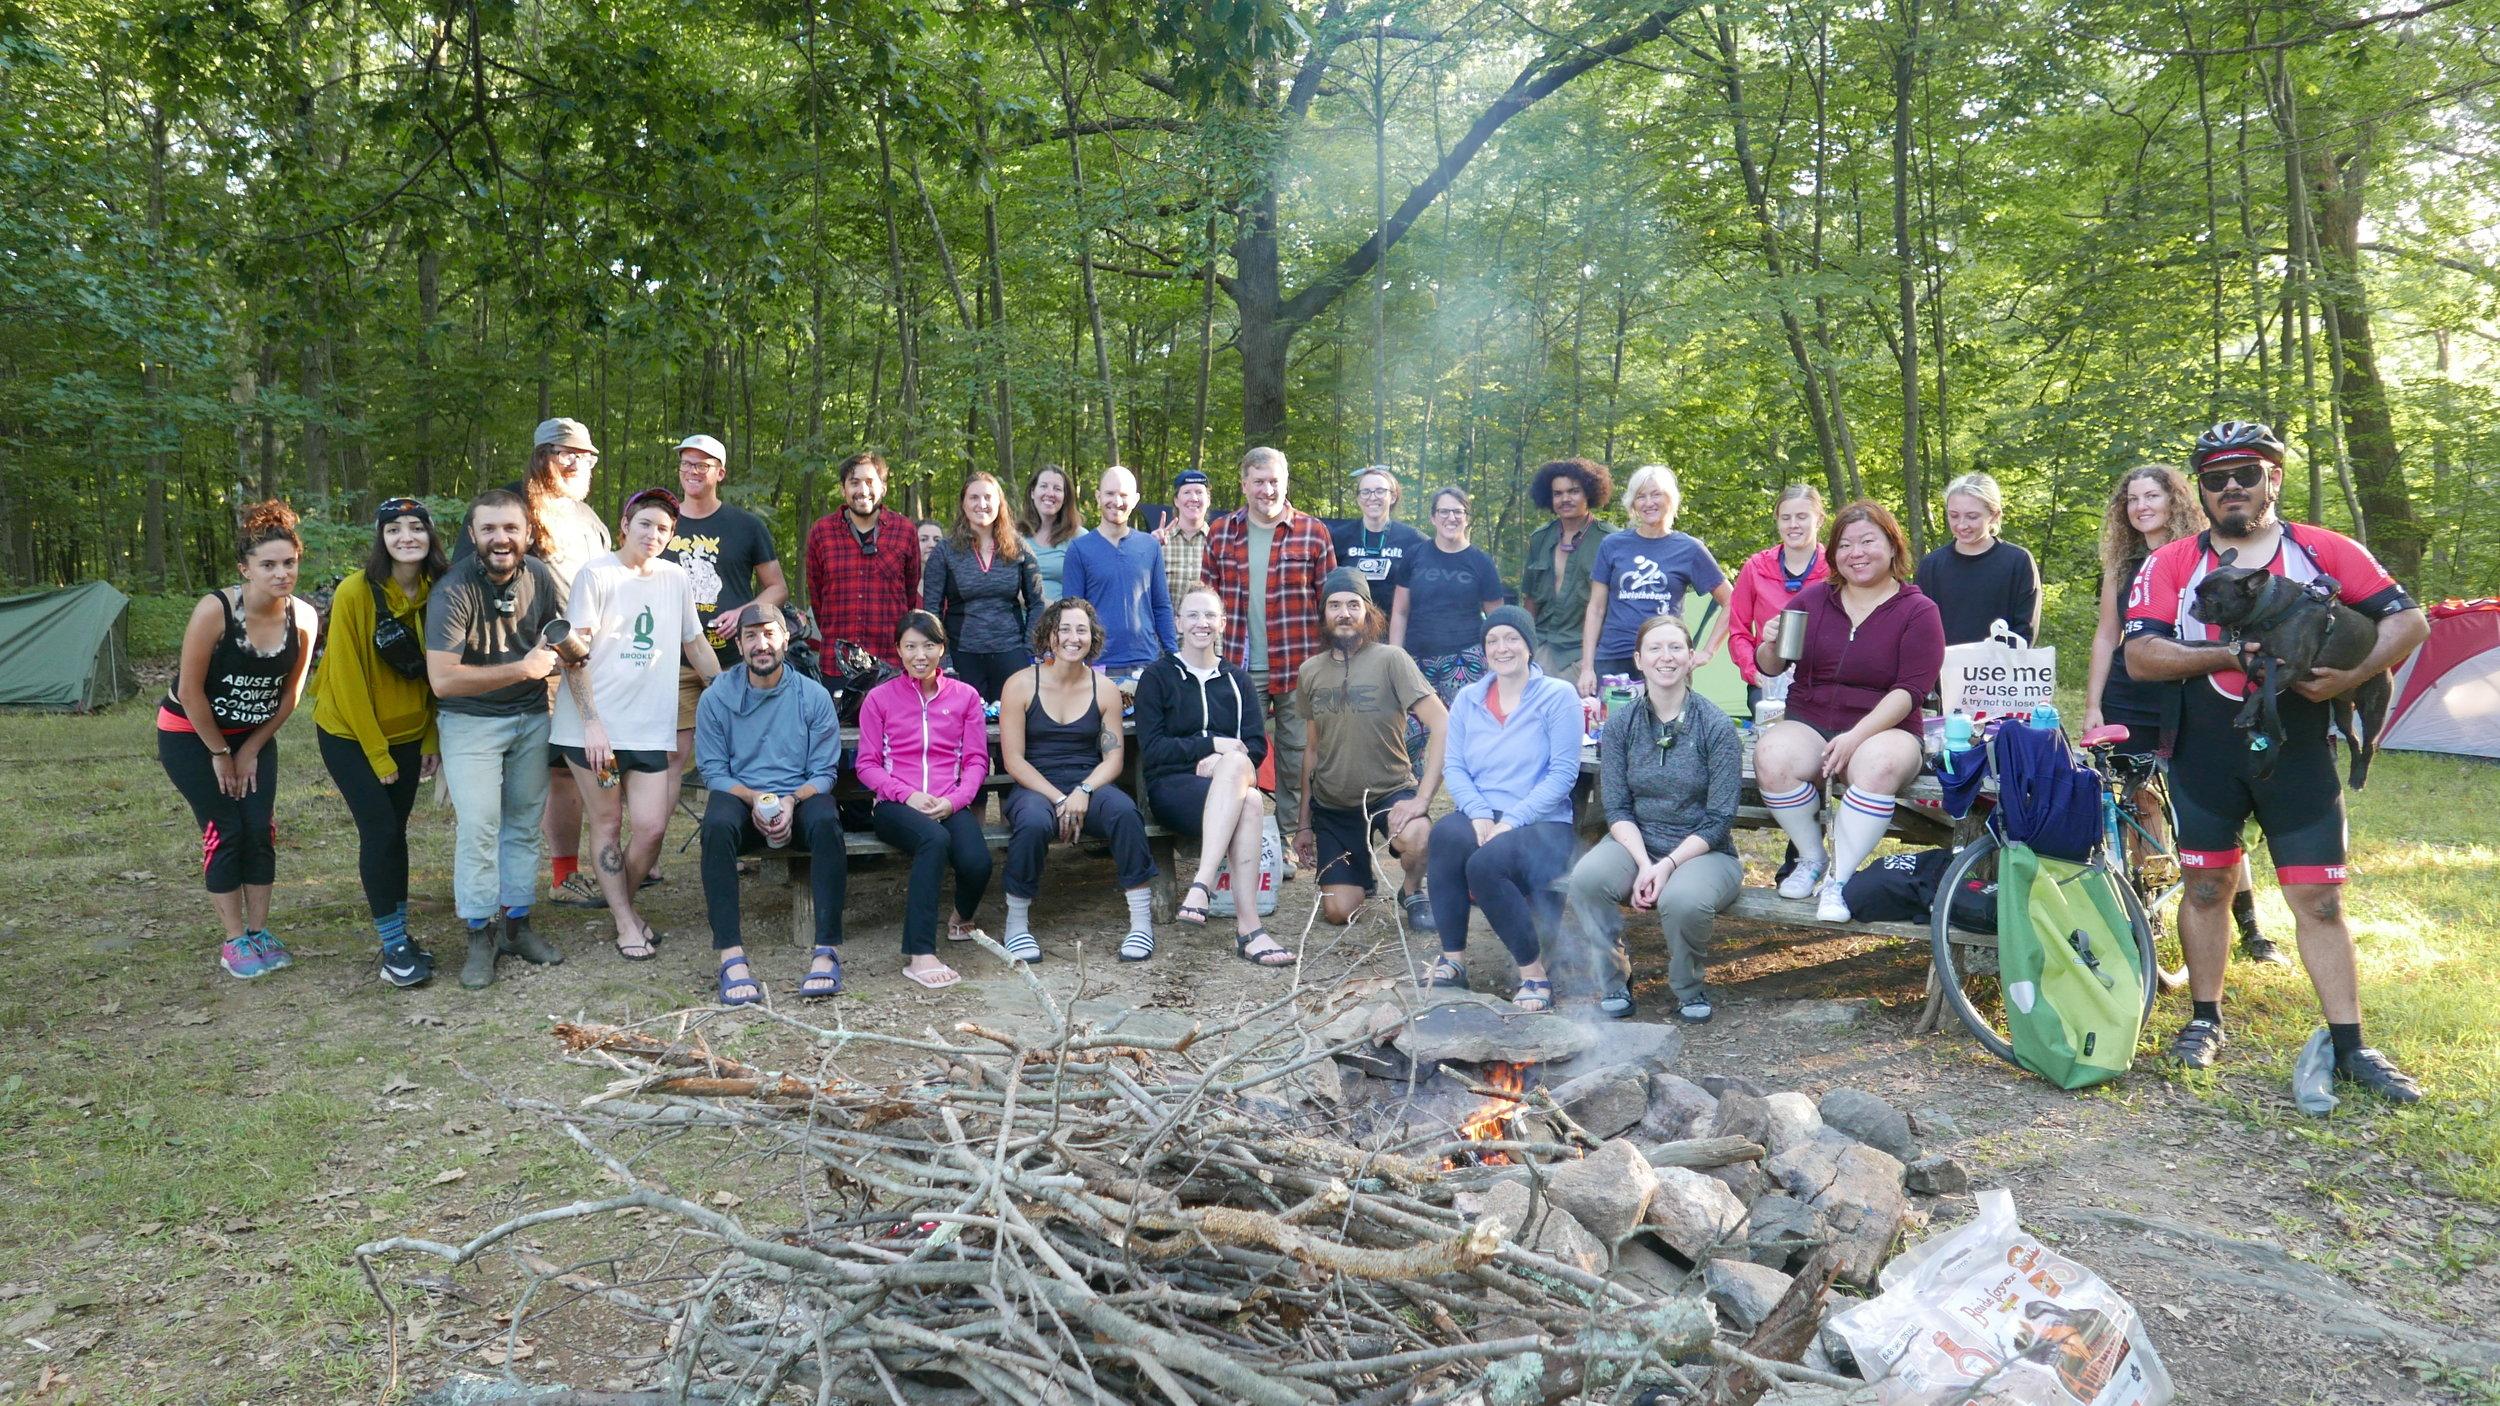 Campsite crew..32 folks, 2 dogs